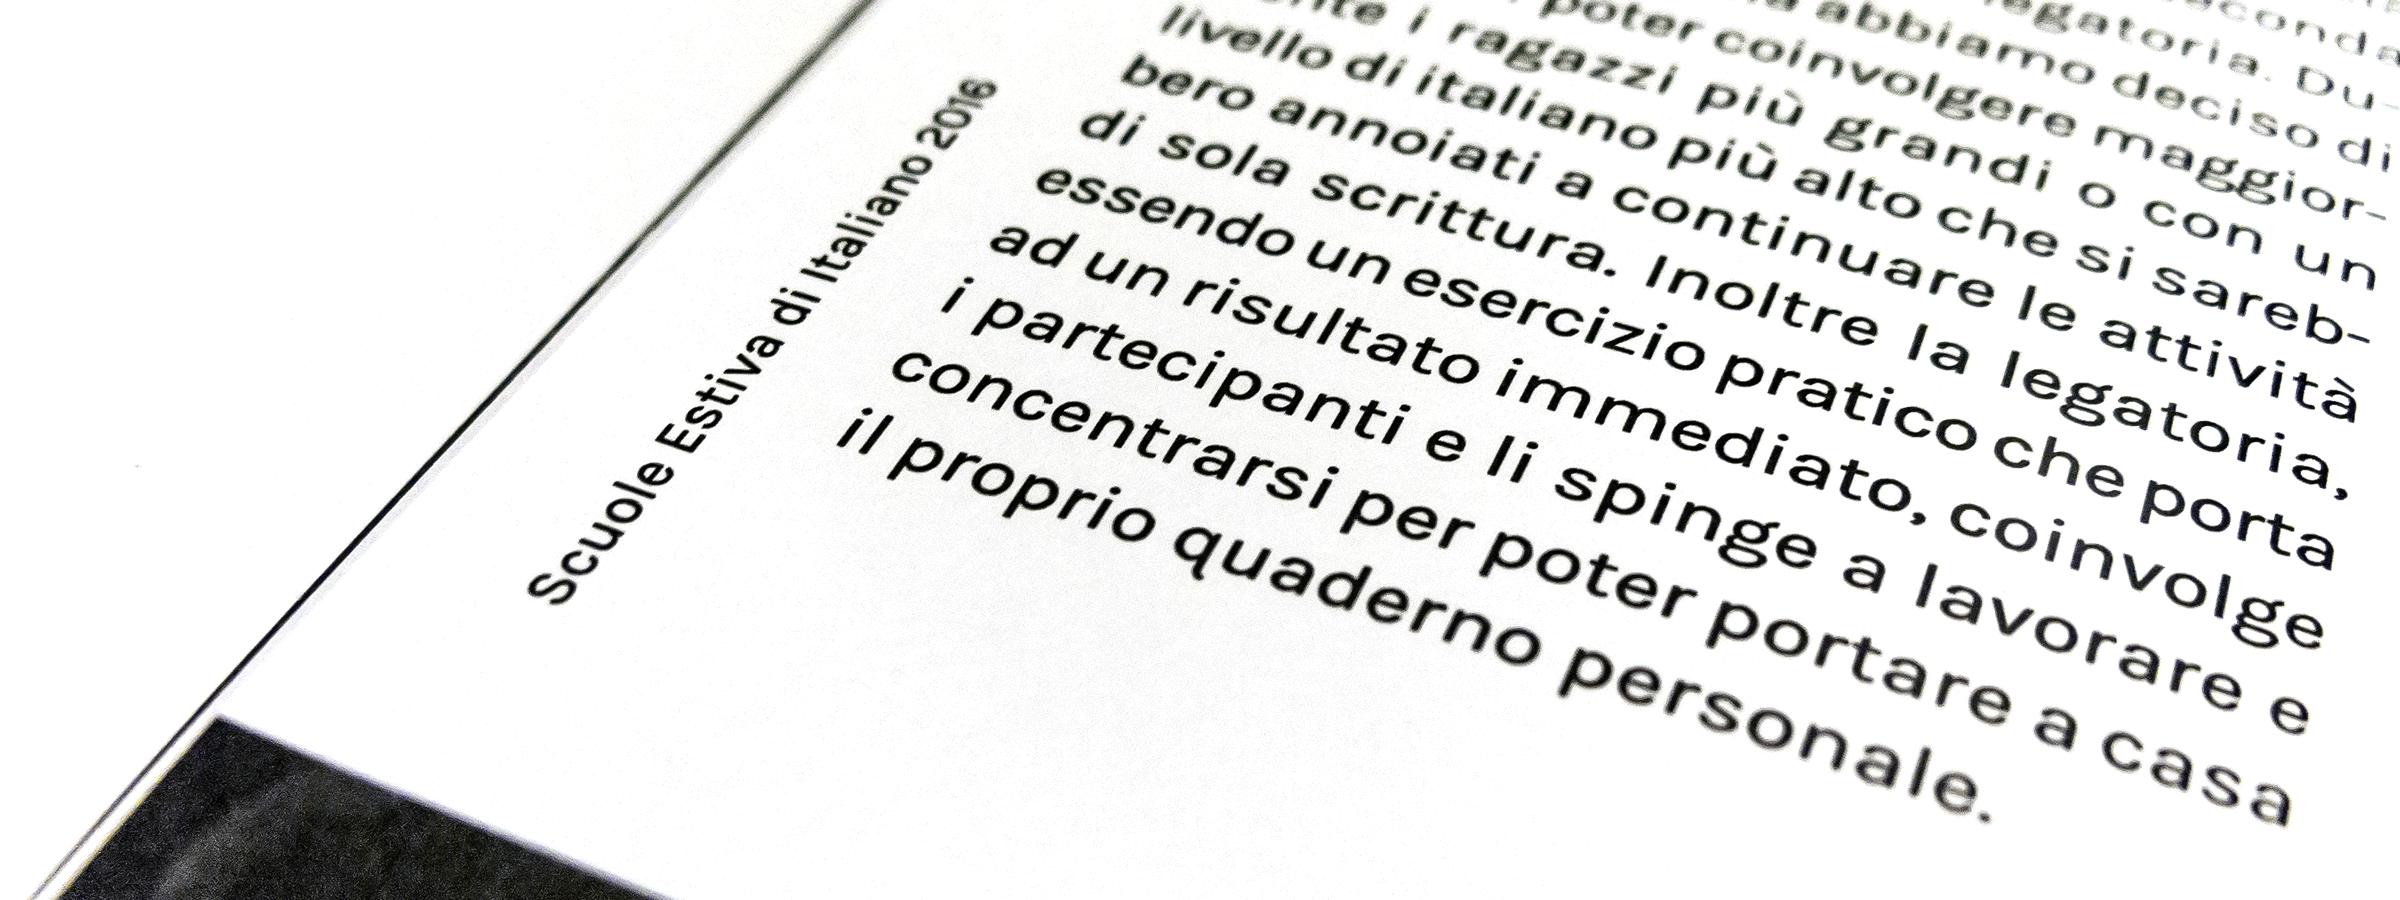 scrittura-e-scritture_libro-dettaglio-pagina_03